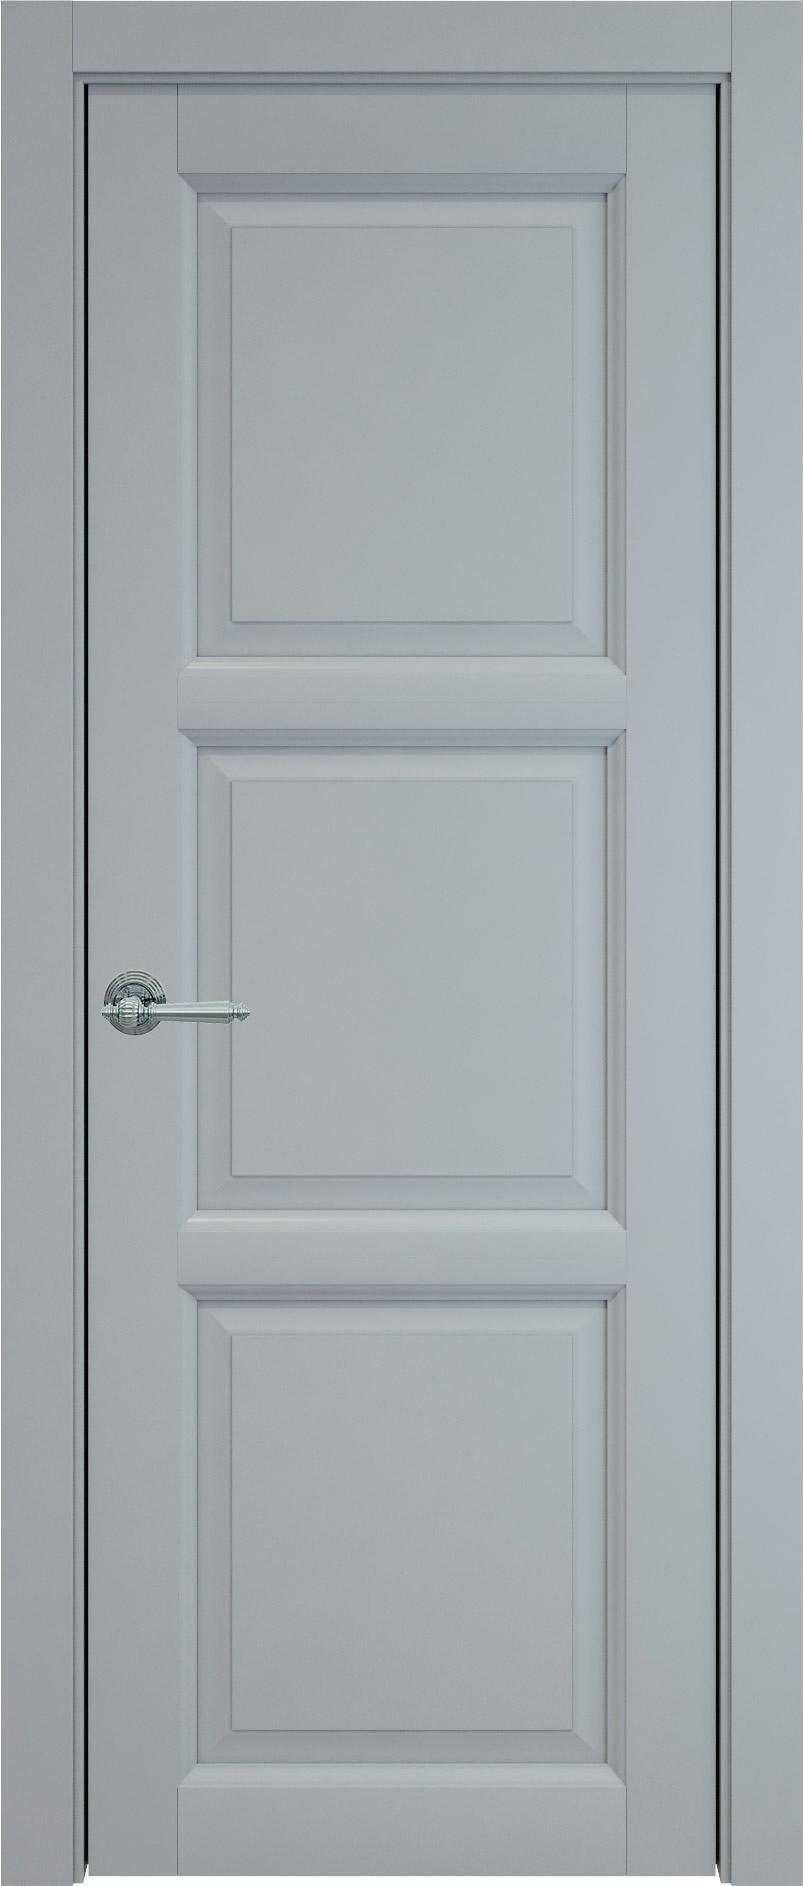 Milano цвет - Серебристо-серая эмаль (RAL 7045) Без стекла (ДГ)